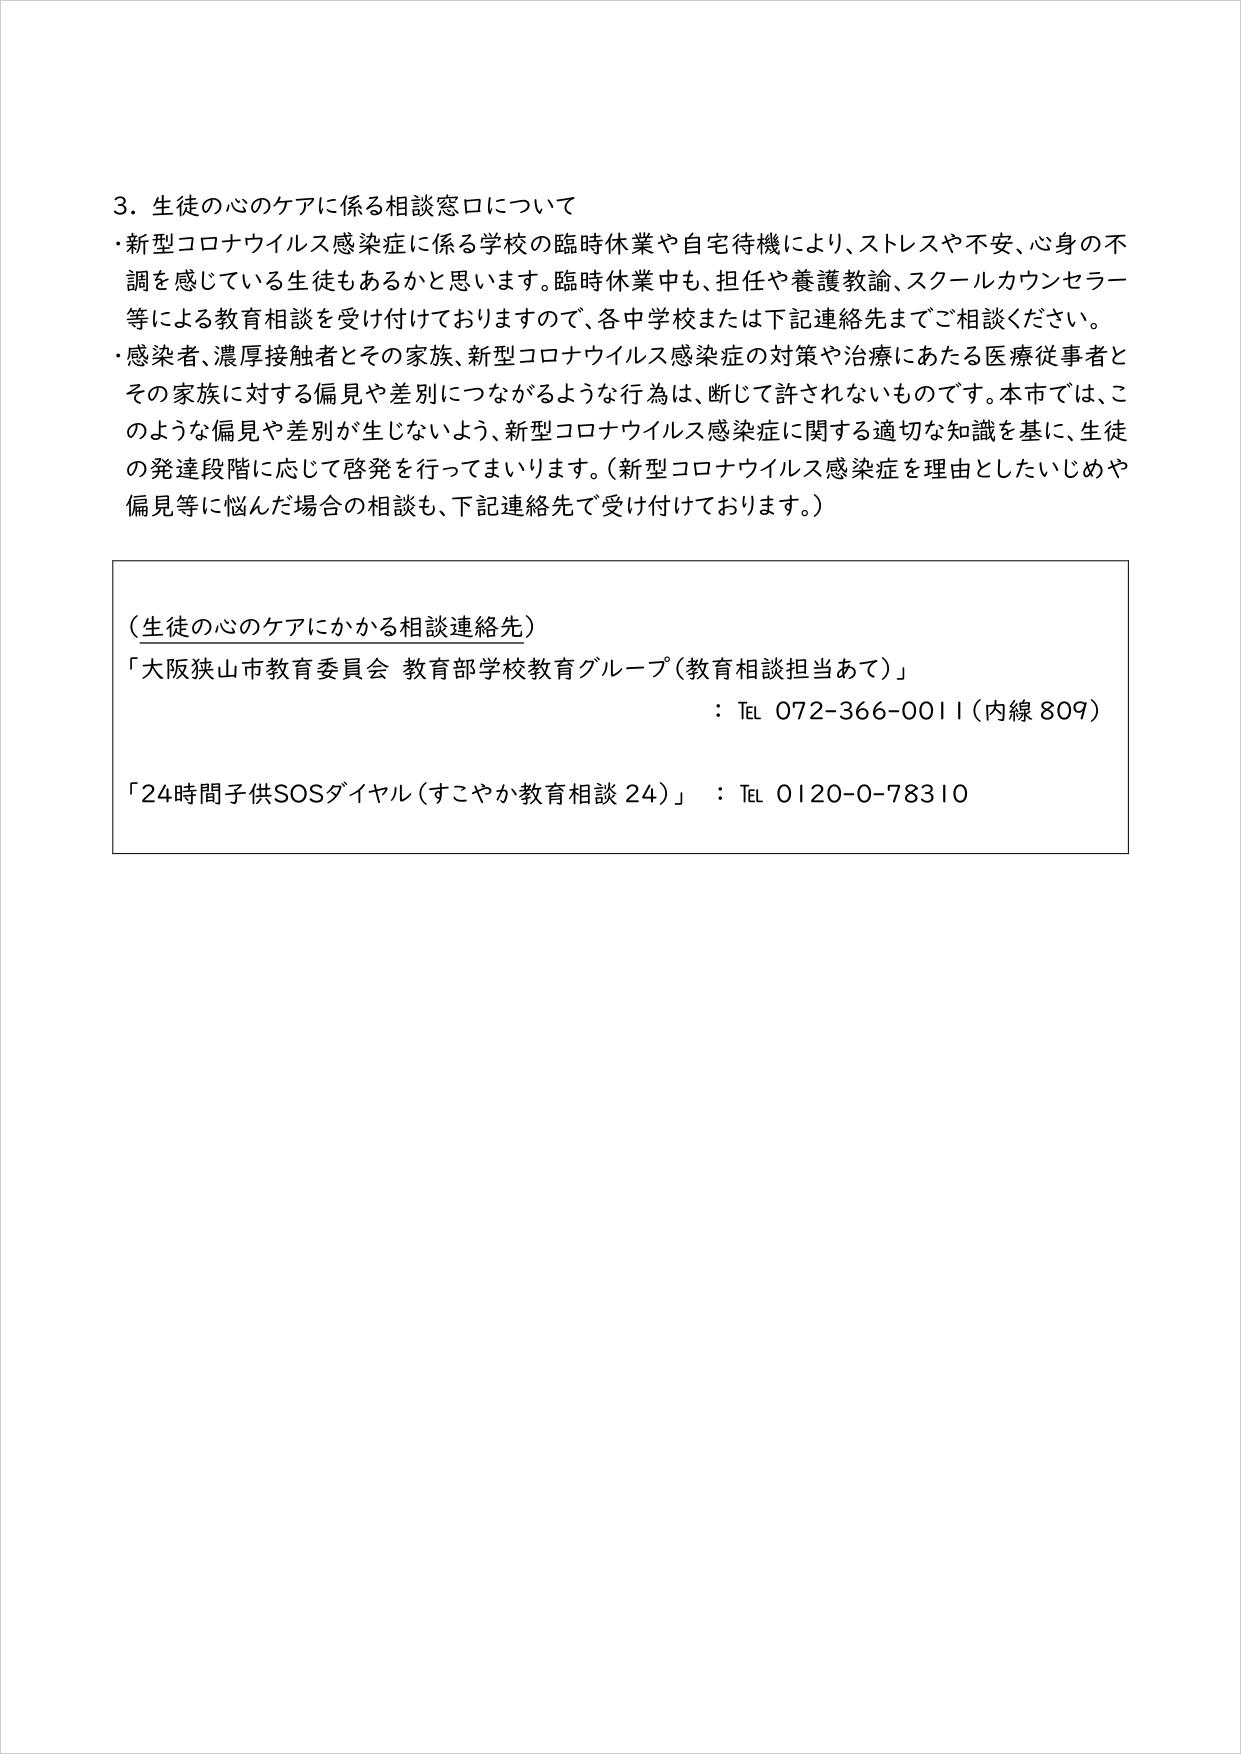 【2020年4月6日付け】臨時休業中の登校日について中学校-(2)